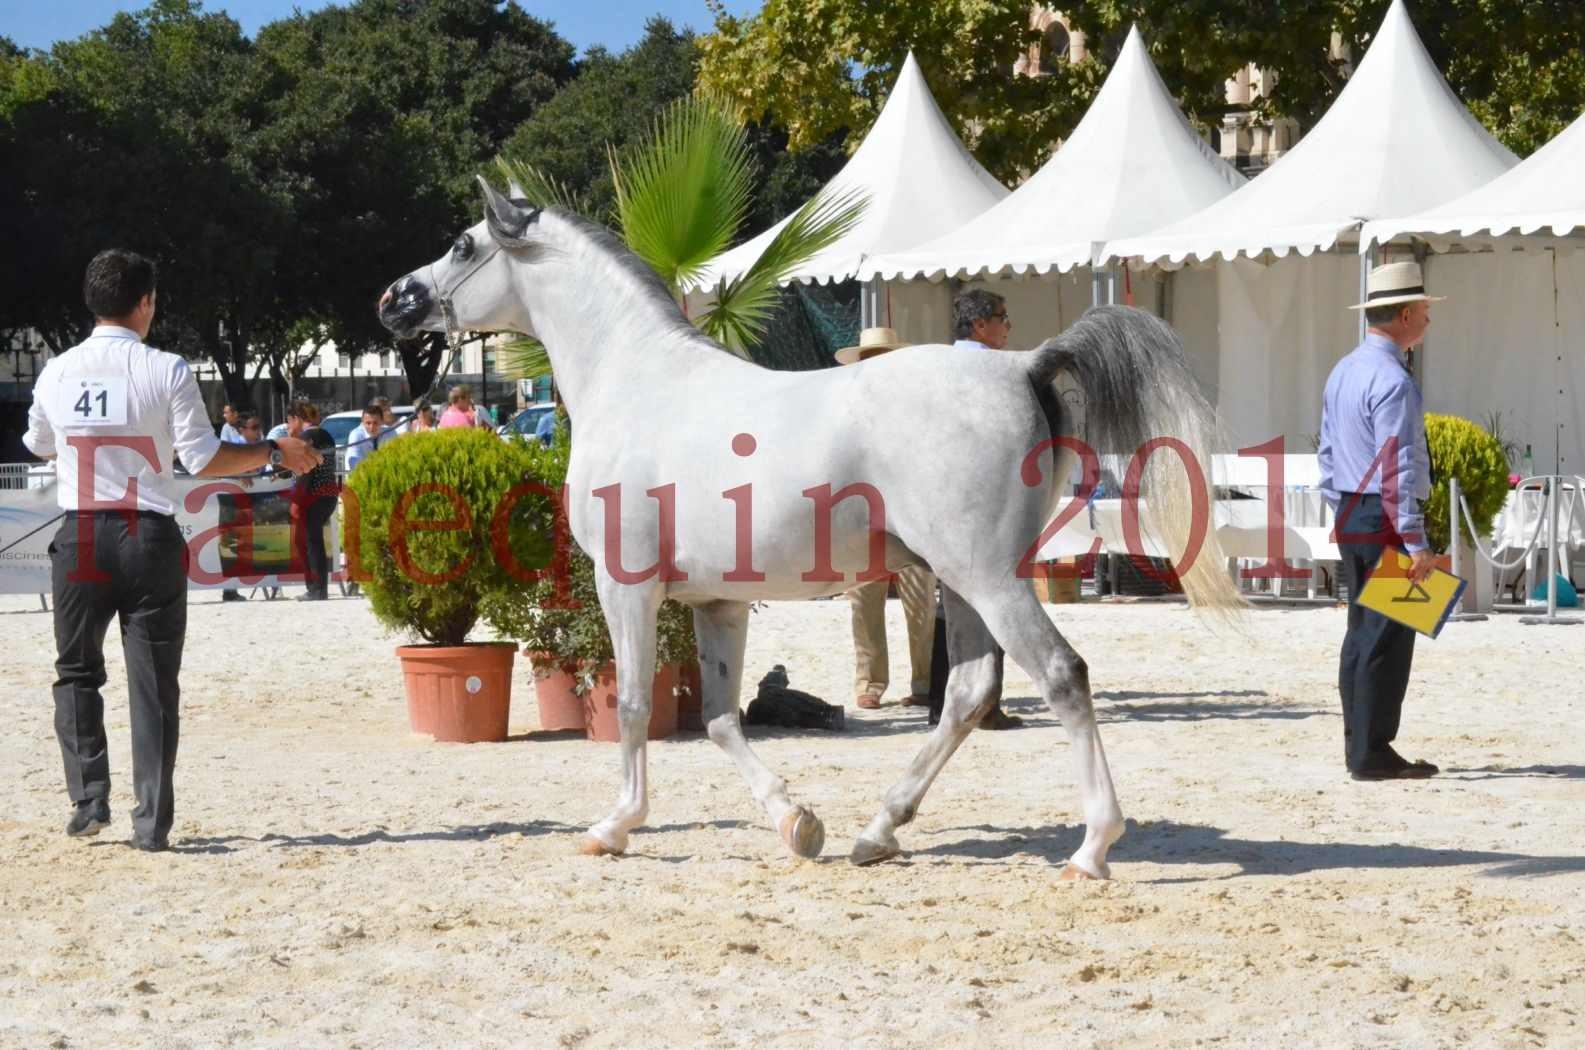 Concours National de Nîmes de chevaux ARABES 2014 - Sélection - SHAOLIN DE NEDJAIA - 18